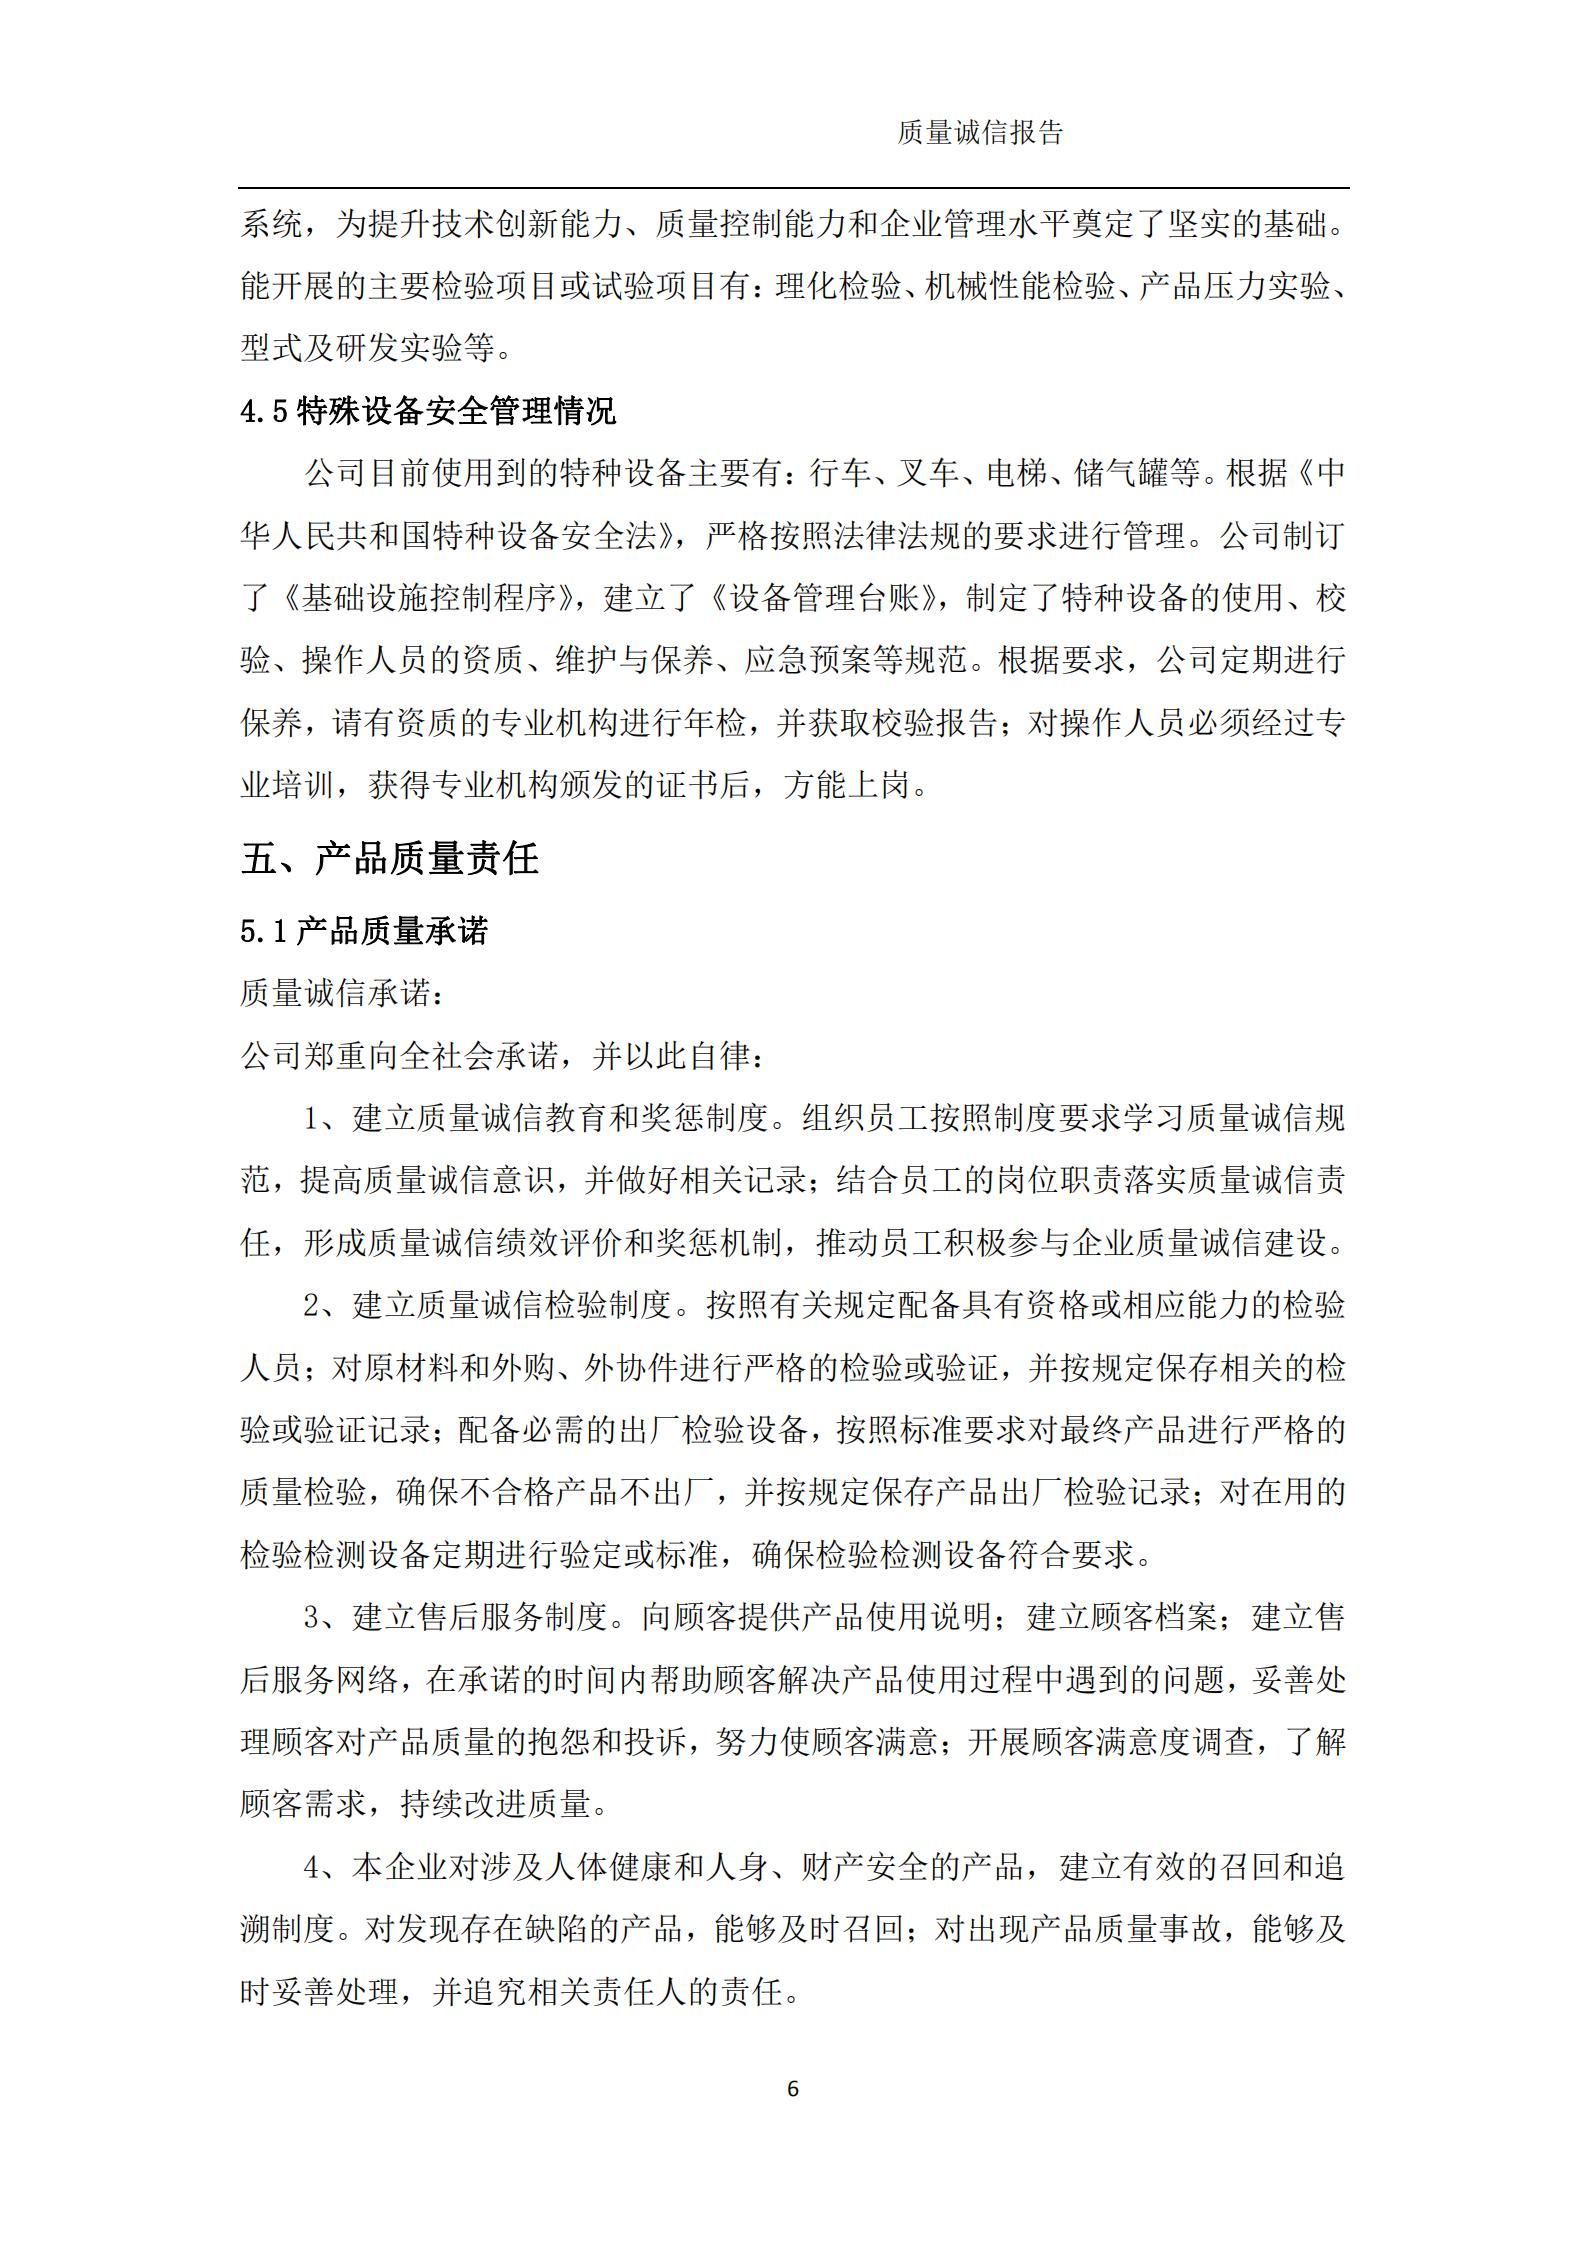 浙江新诚减速机科技有限公司-质量诚信报告(1)_07.png